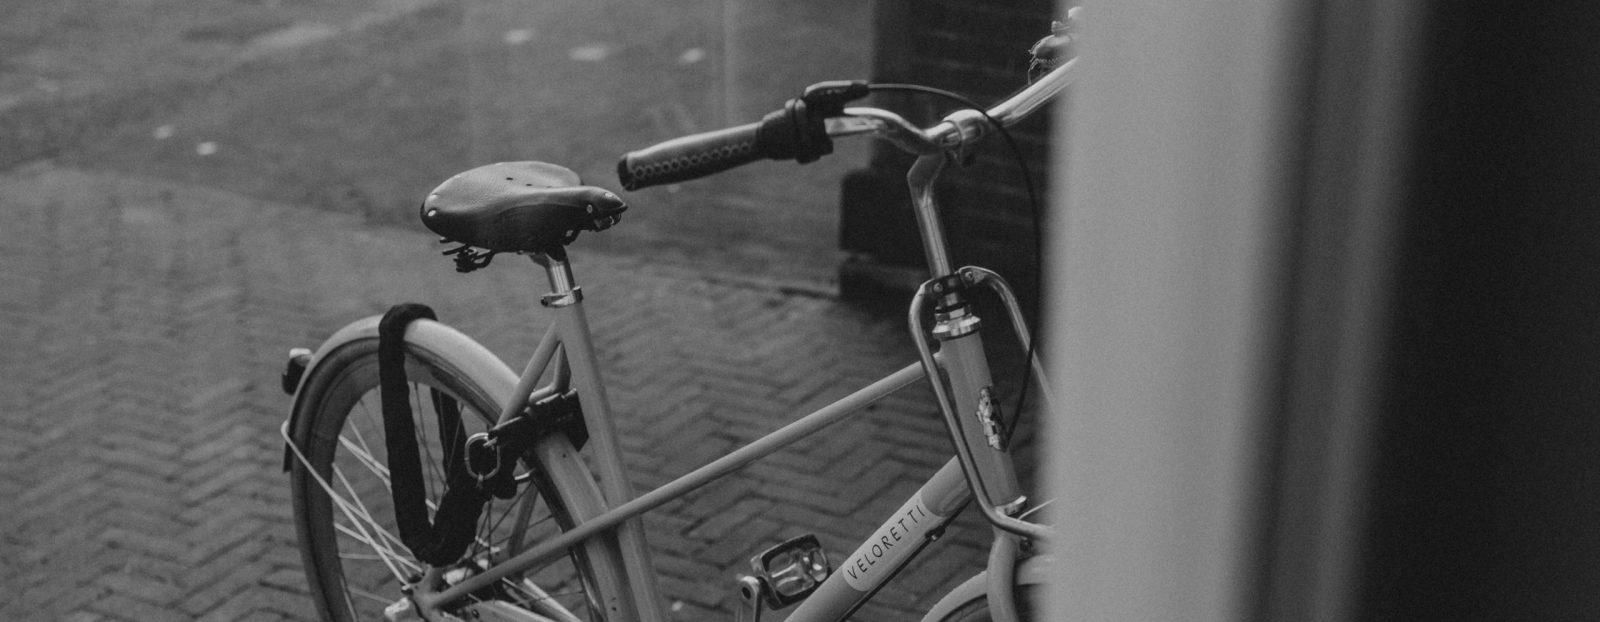 Onze vestigingen in Den Haag en Amsterdam